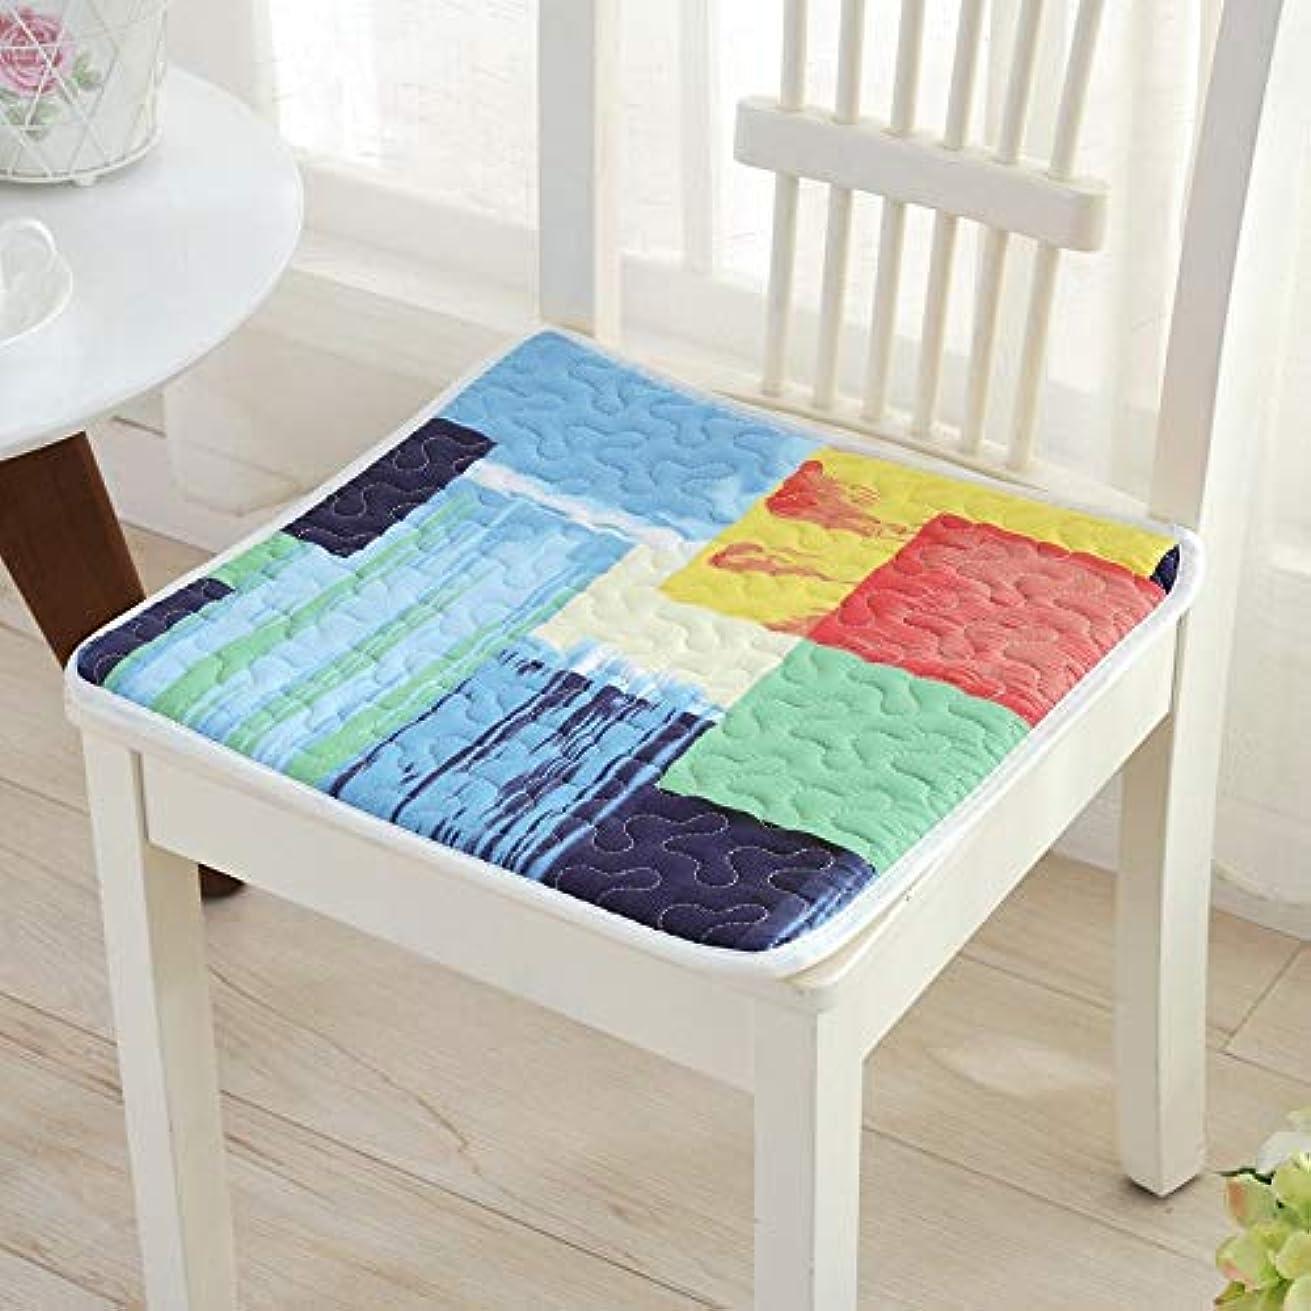 名前を作る湿気の多い圧倒的LIFE 現代スーパーソフト椅子クッション非スリップシートクッションマットソファホームデコレーションバッククッションチェアパッド 40*40/45*45/50*50 センチメートル クッション 椅子